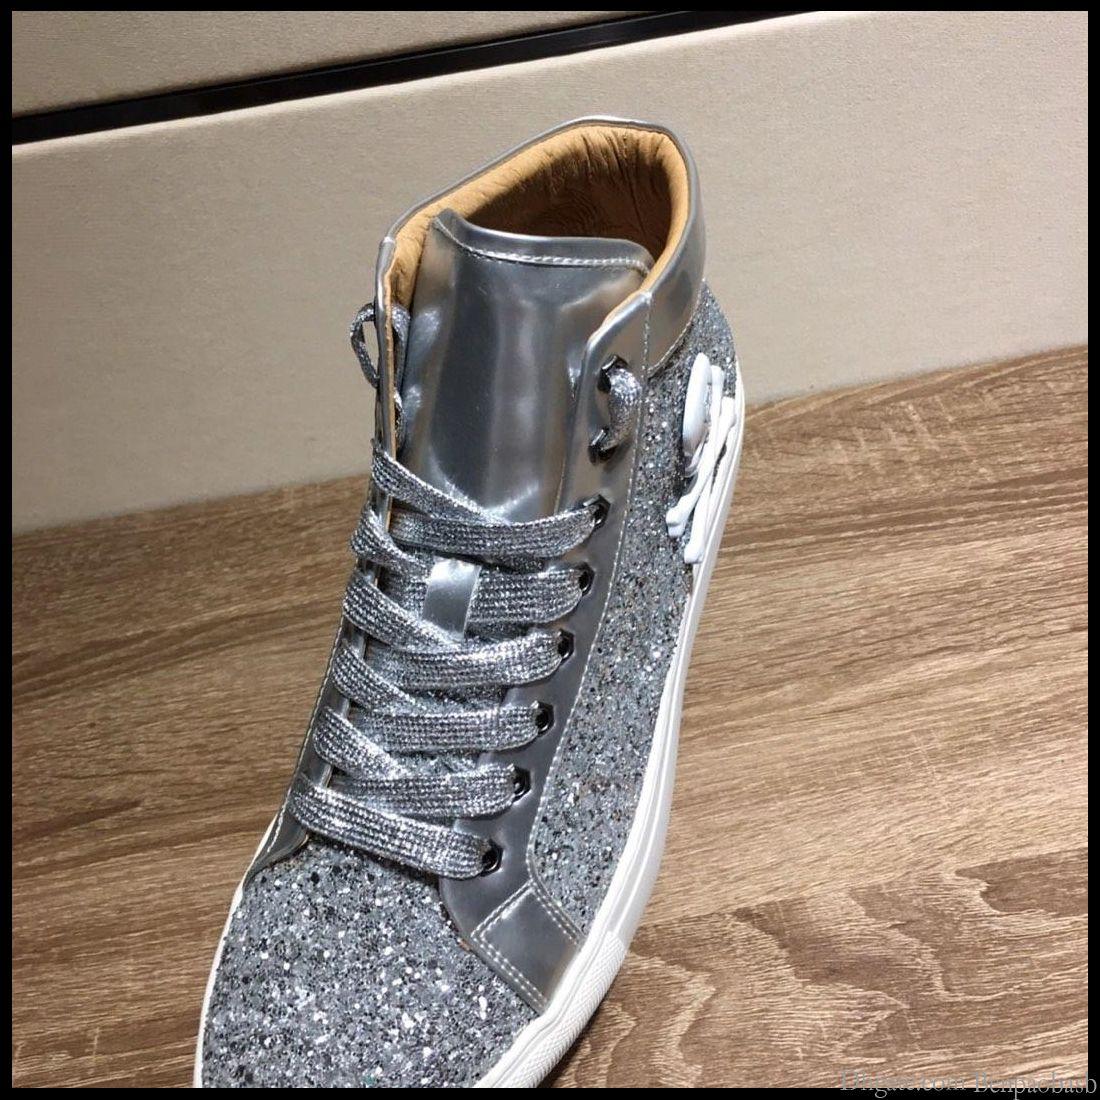 2019 hommes de chaussures de sport de voyage en plein air, le caoutchouc haute-top chaussures grandes chaussures plancher en cuir décontractée livraison rapide avec boîte d'origine